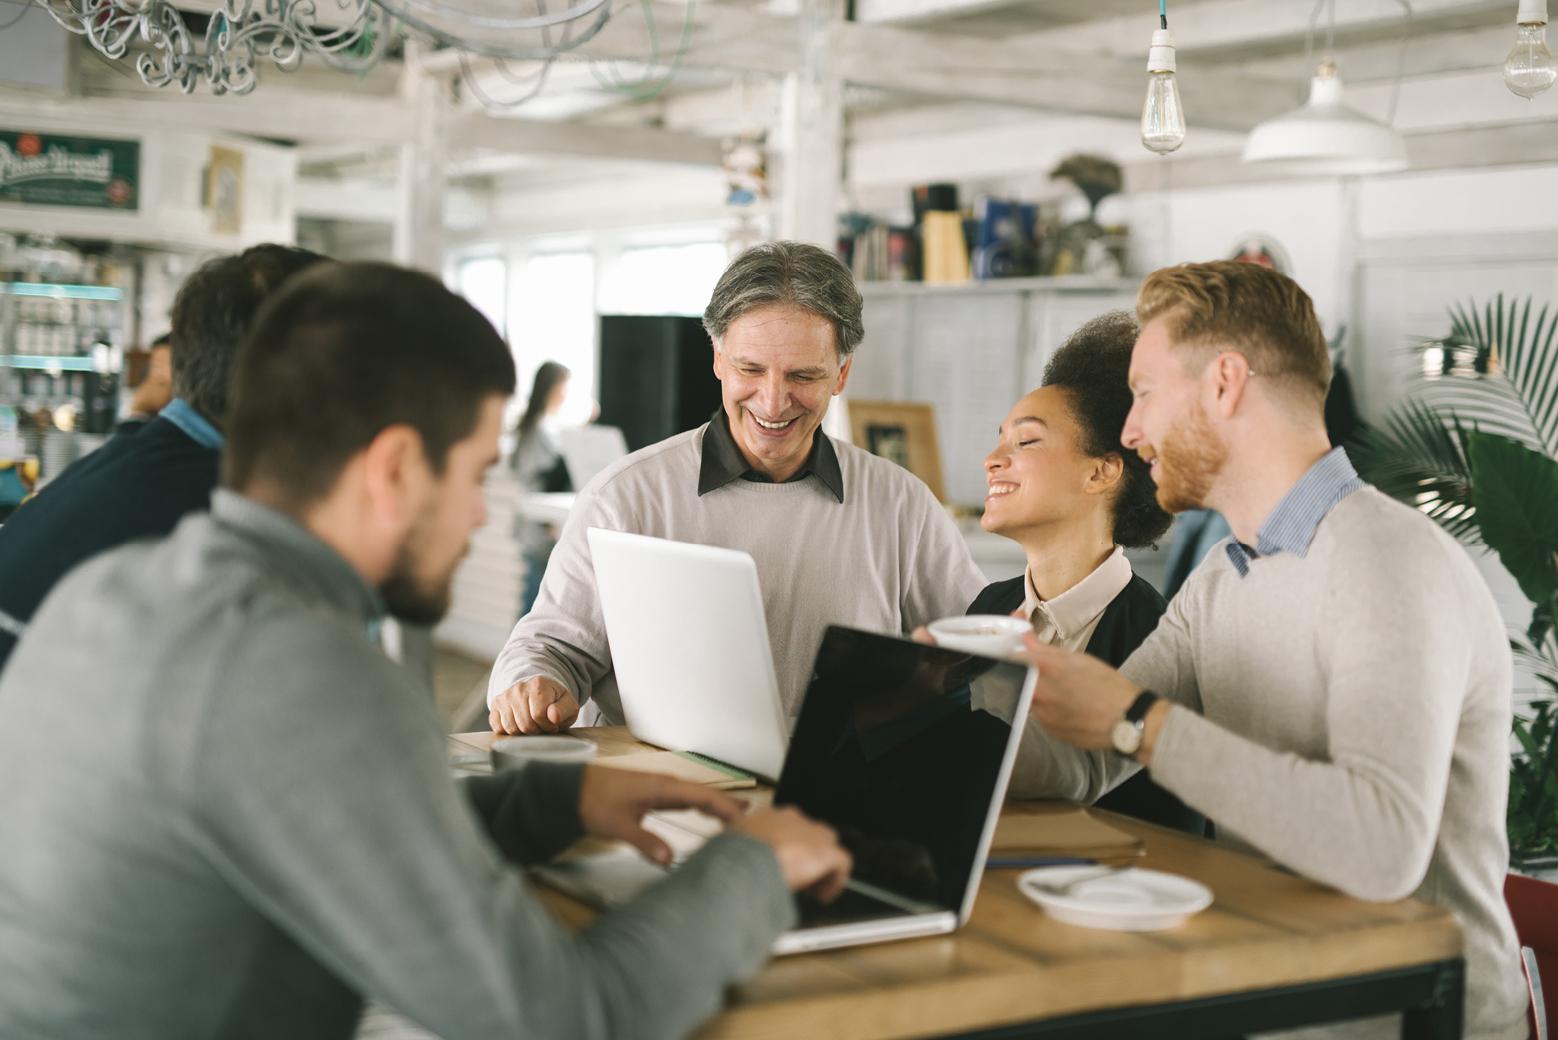 team-meeting-in-coffee-shop